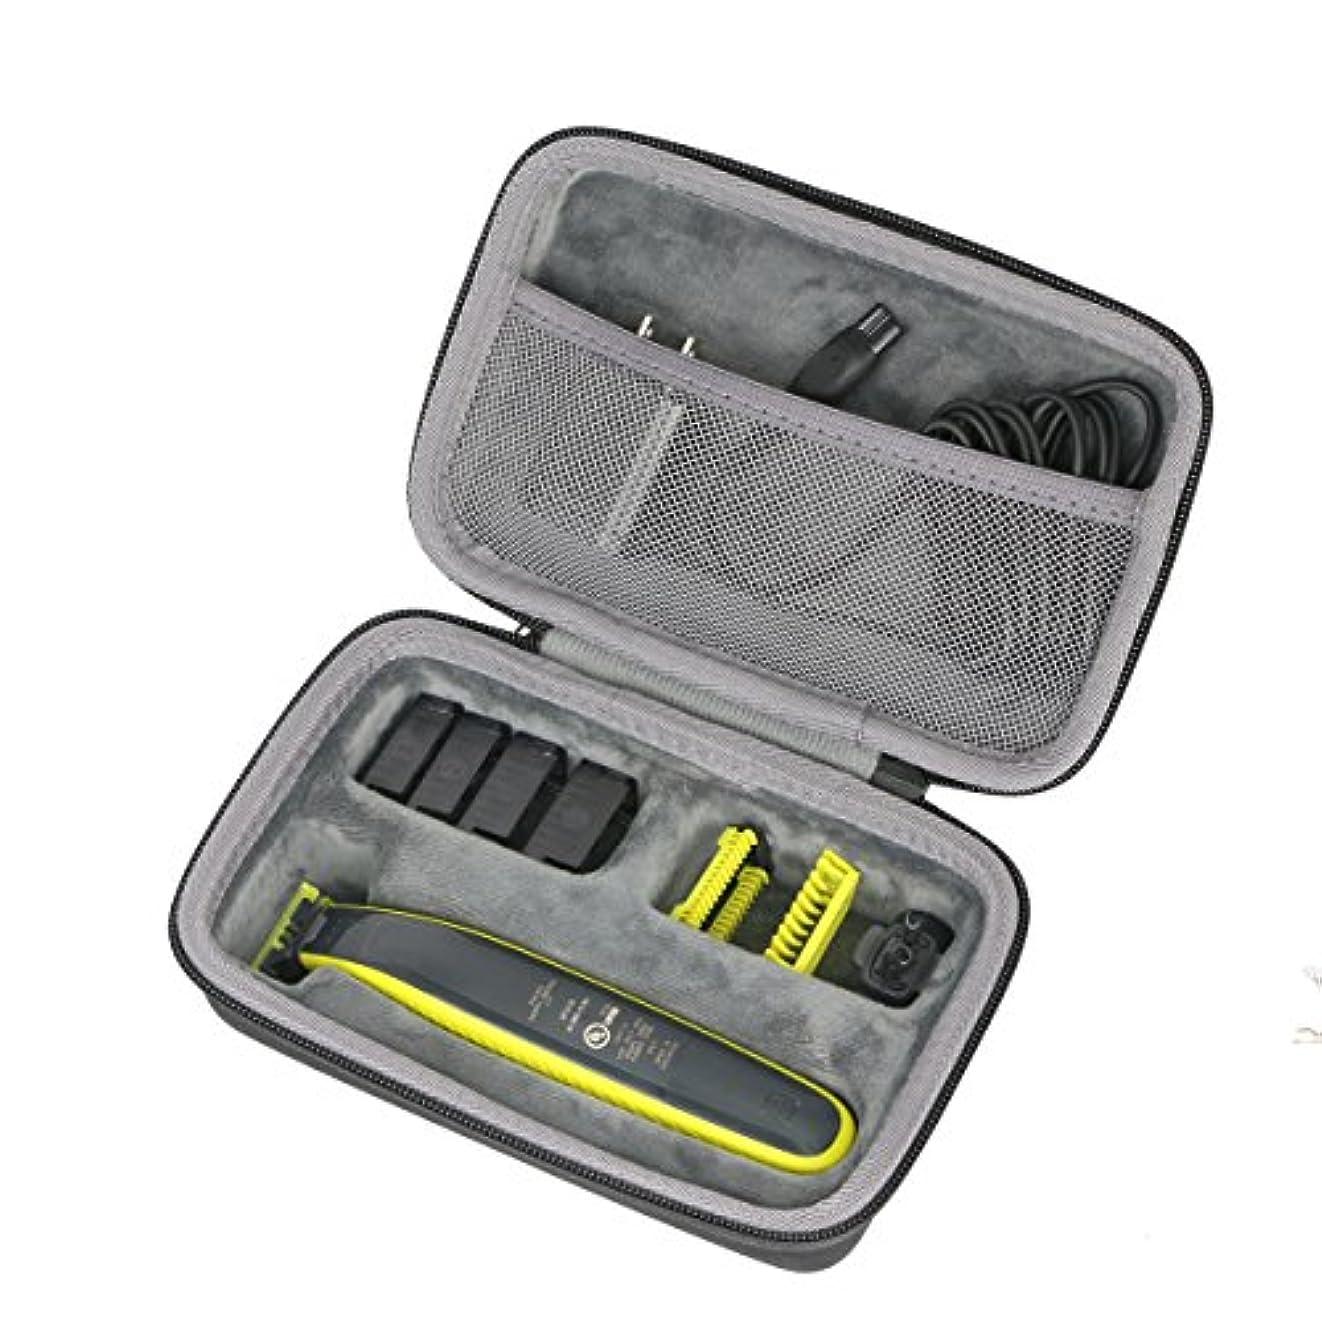 カジュアルバルセロナクラックポットPhilips Norelco OneBlade Hybrid Rechargeable Trimmer QP2630/70ノ専用旅行収納 デザインノco2CREA バッグ